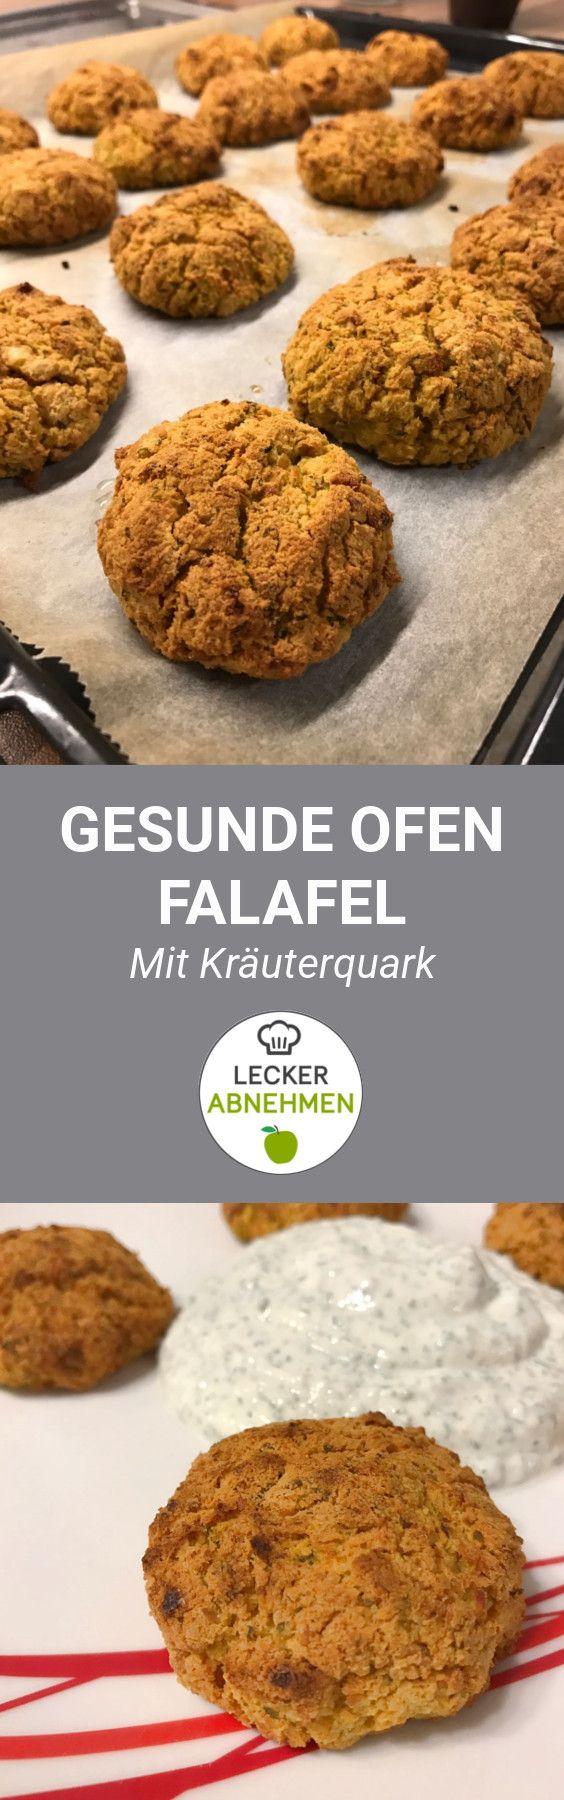 Falafel auf die gesunde Art und Weise. Nämlich nicht frittiert, sondern aus dem Ofen. Zu den Falafel gibt es einen leckeren Kräuterquark.